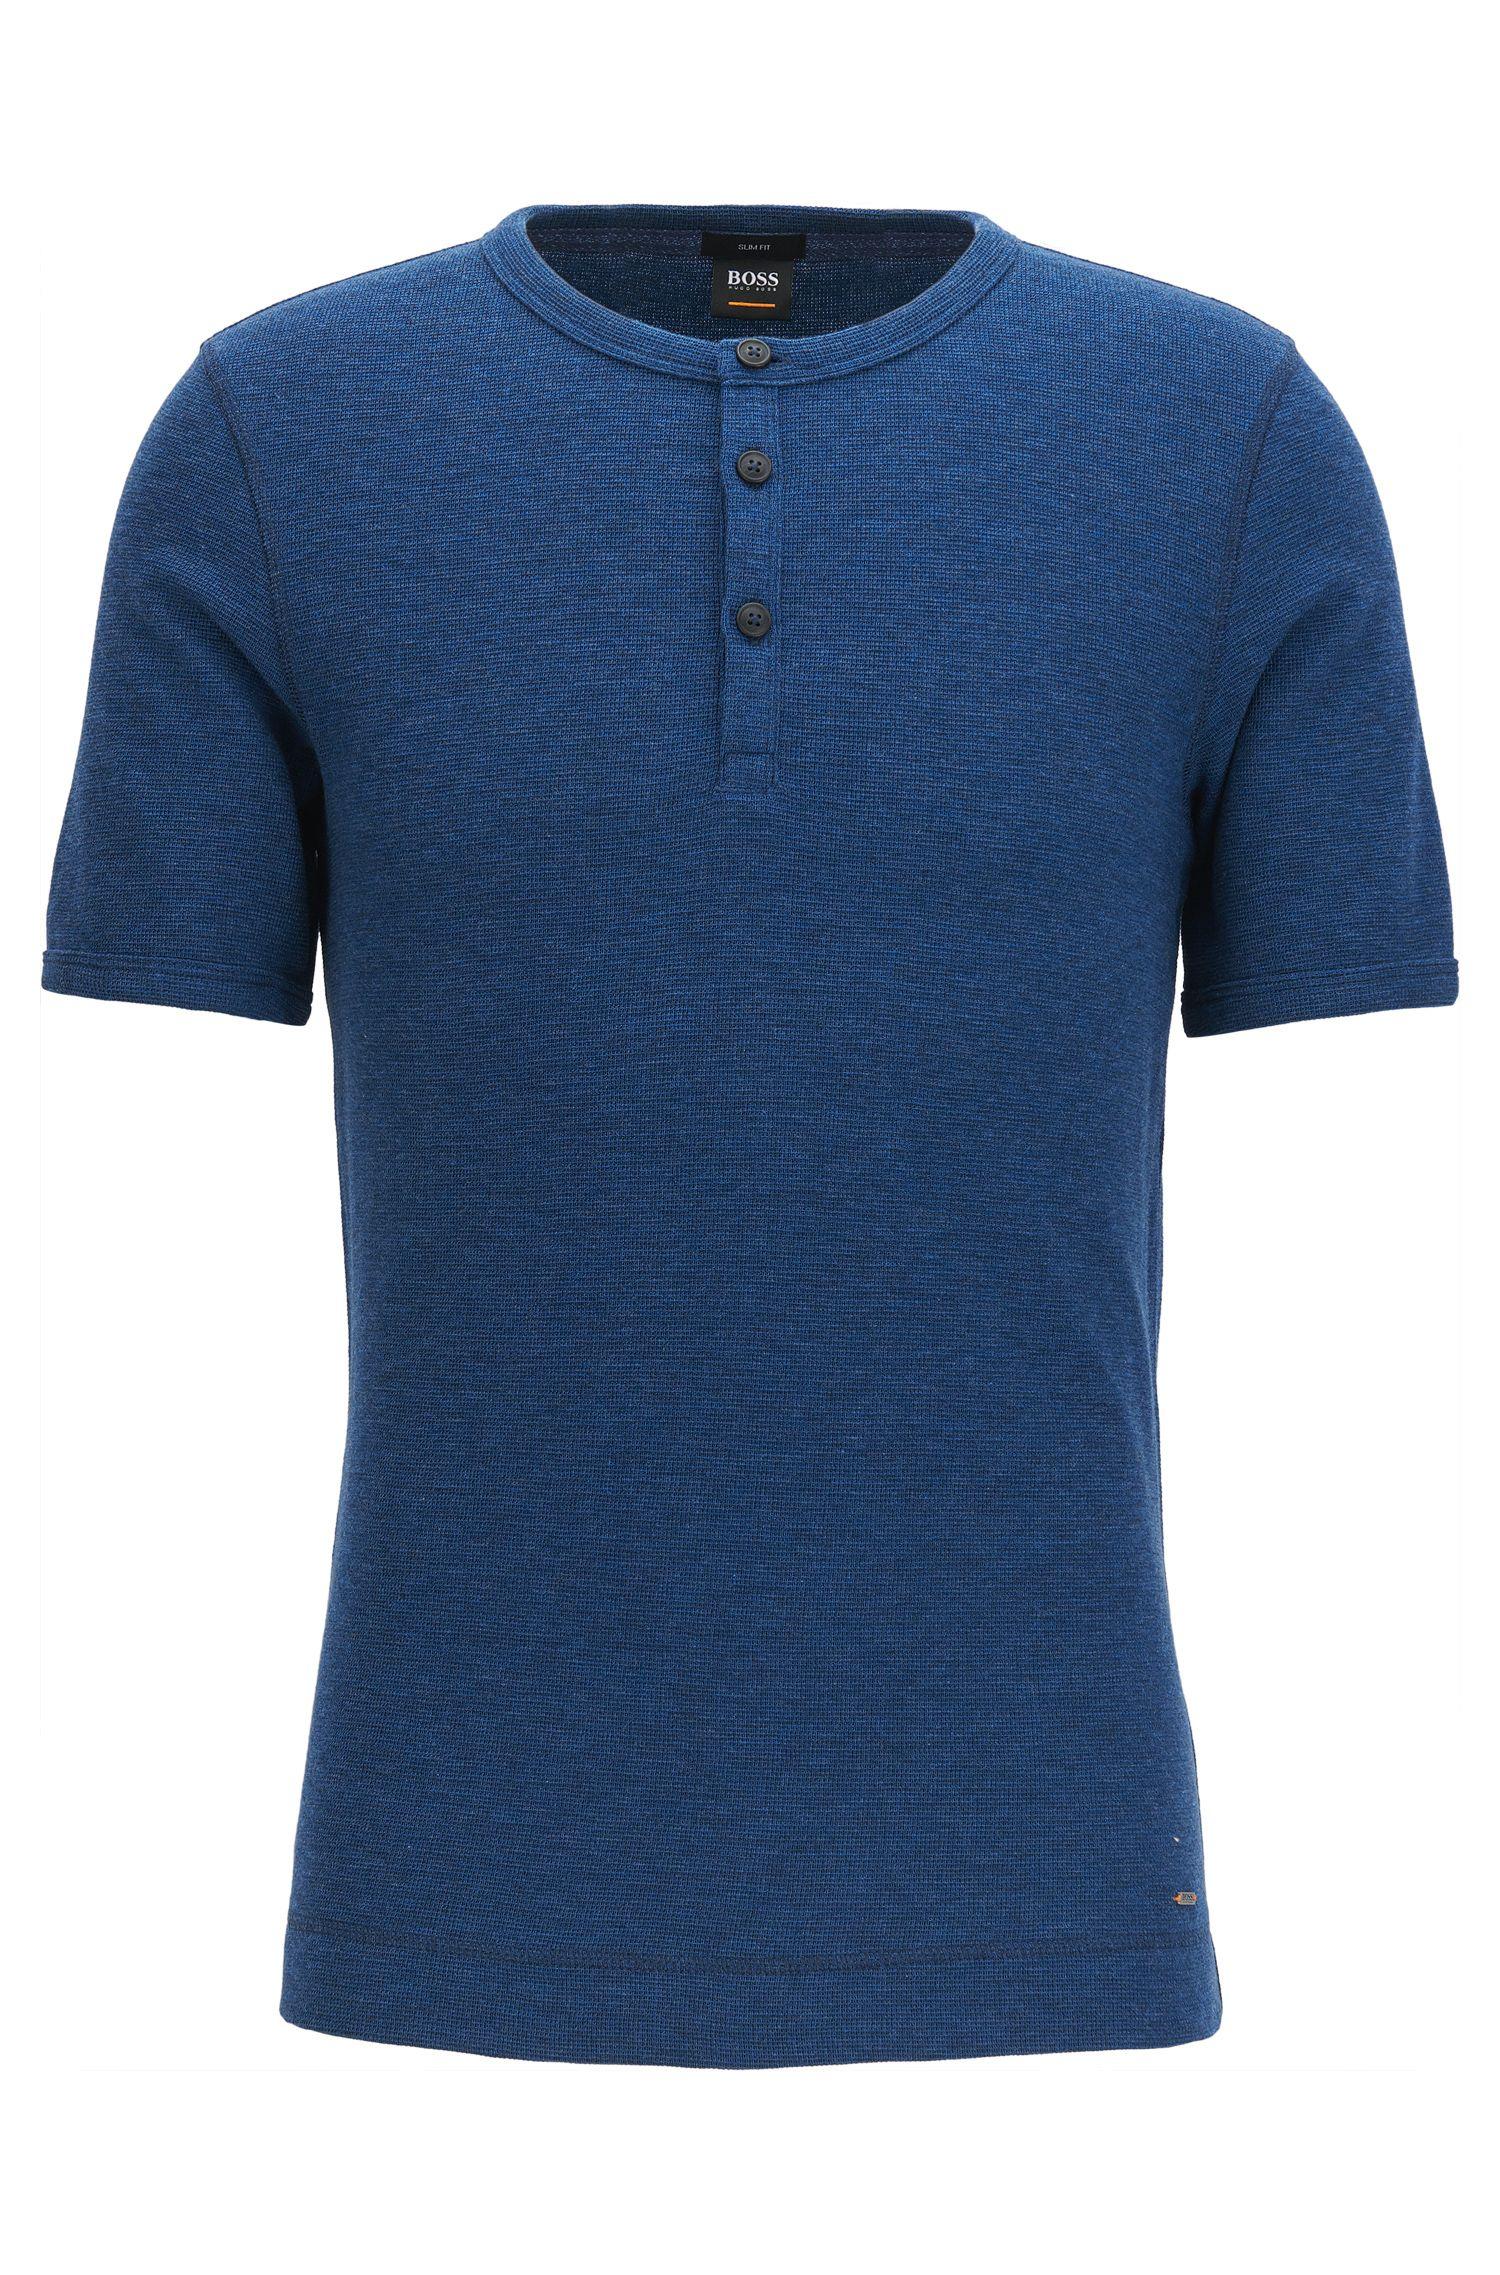 Slim-Fit T-Shirt aus melierter Baumwolle mit Henley-Ausschnitt